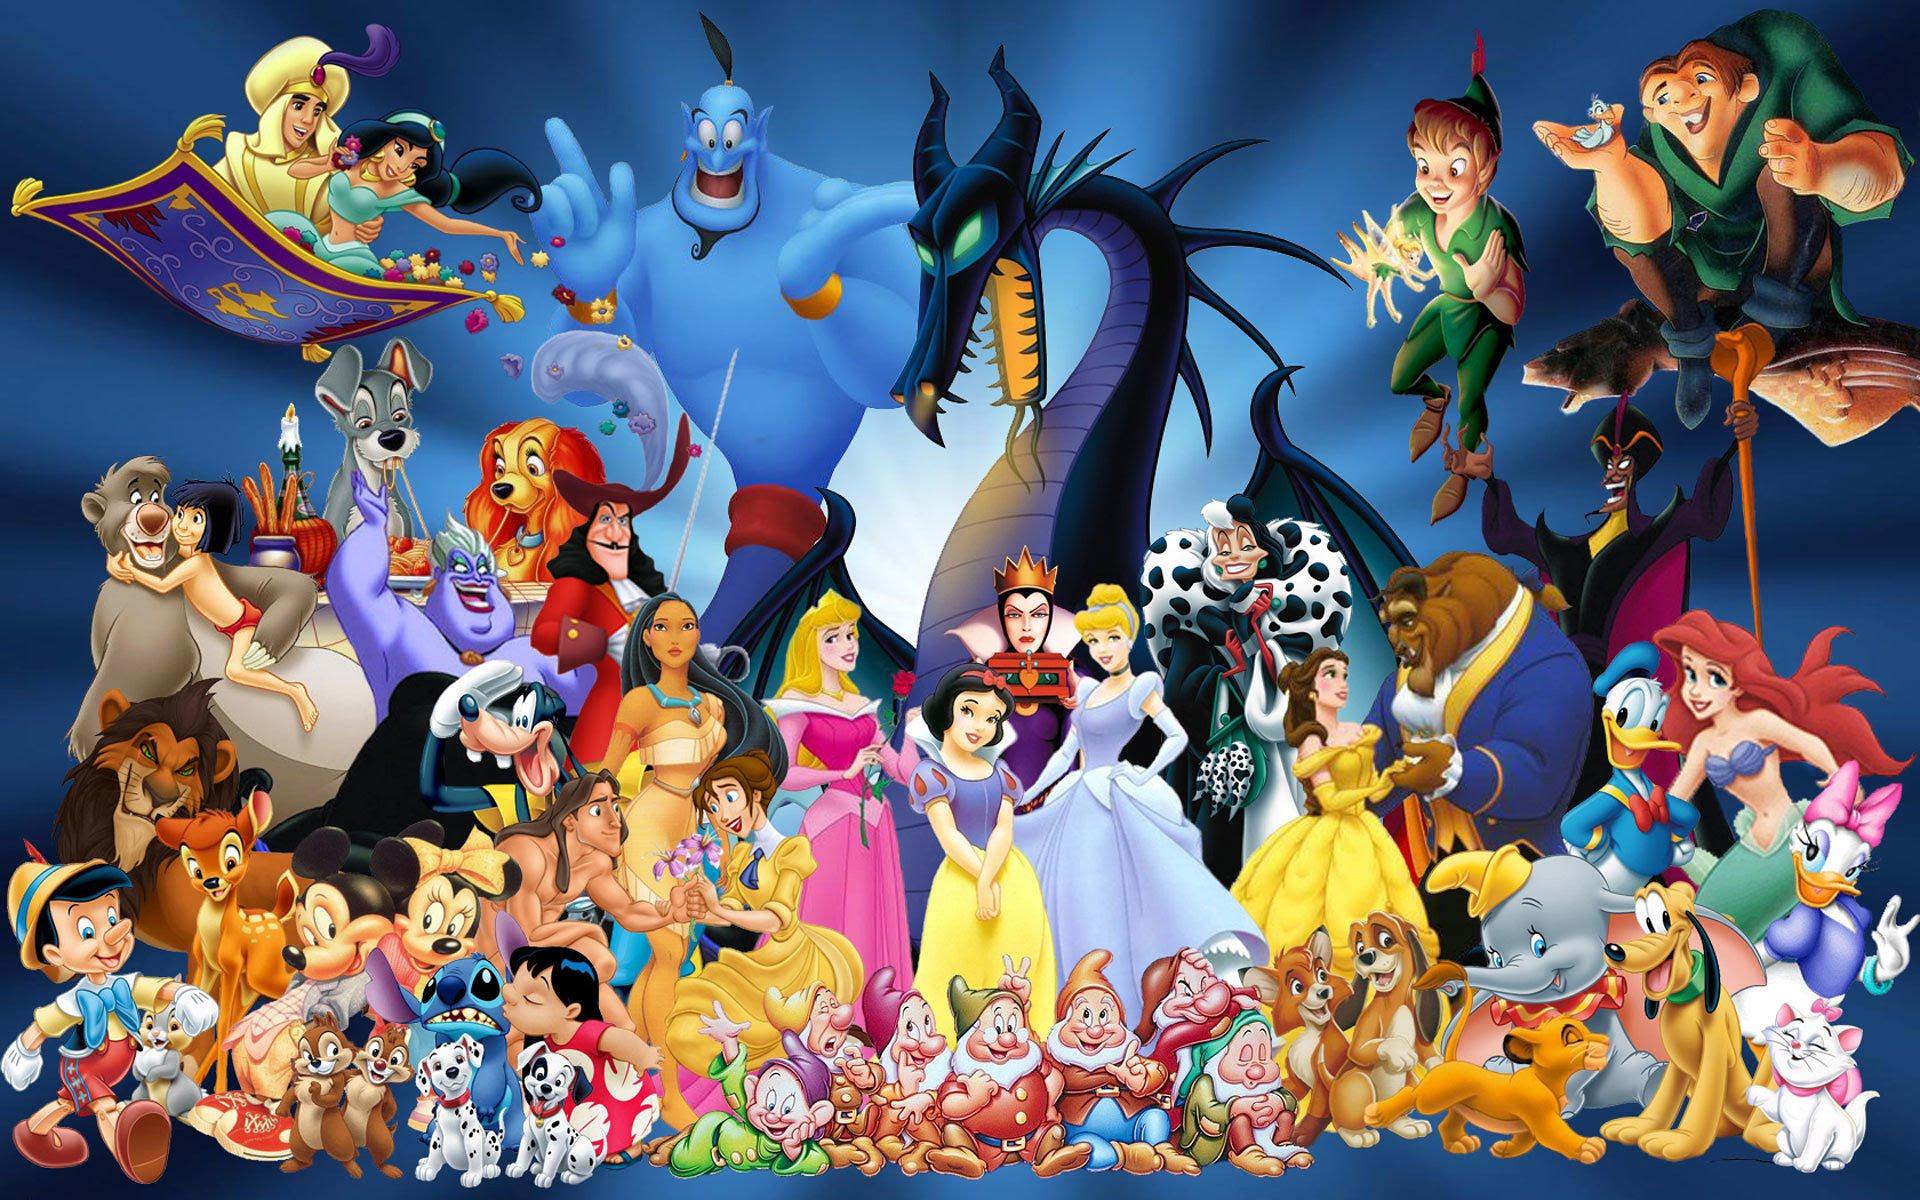 Disney Backgrounds, Compatible - PC, Mobile, Gadgets| 1920x1200 px